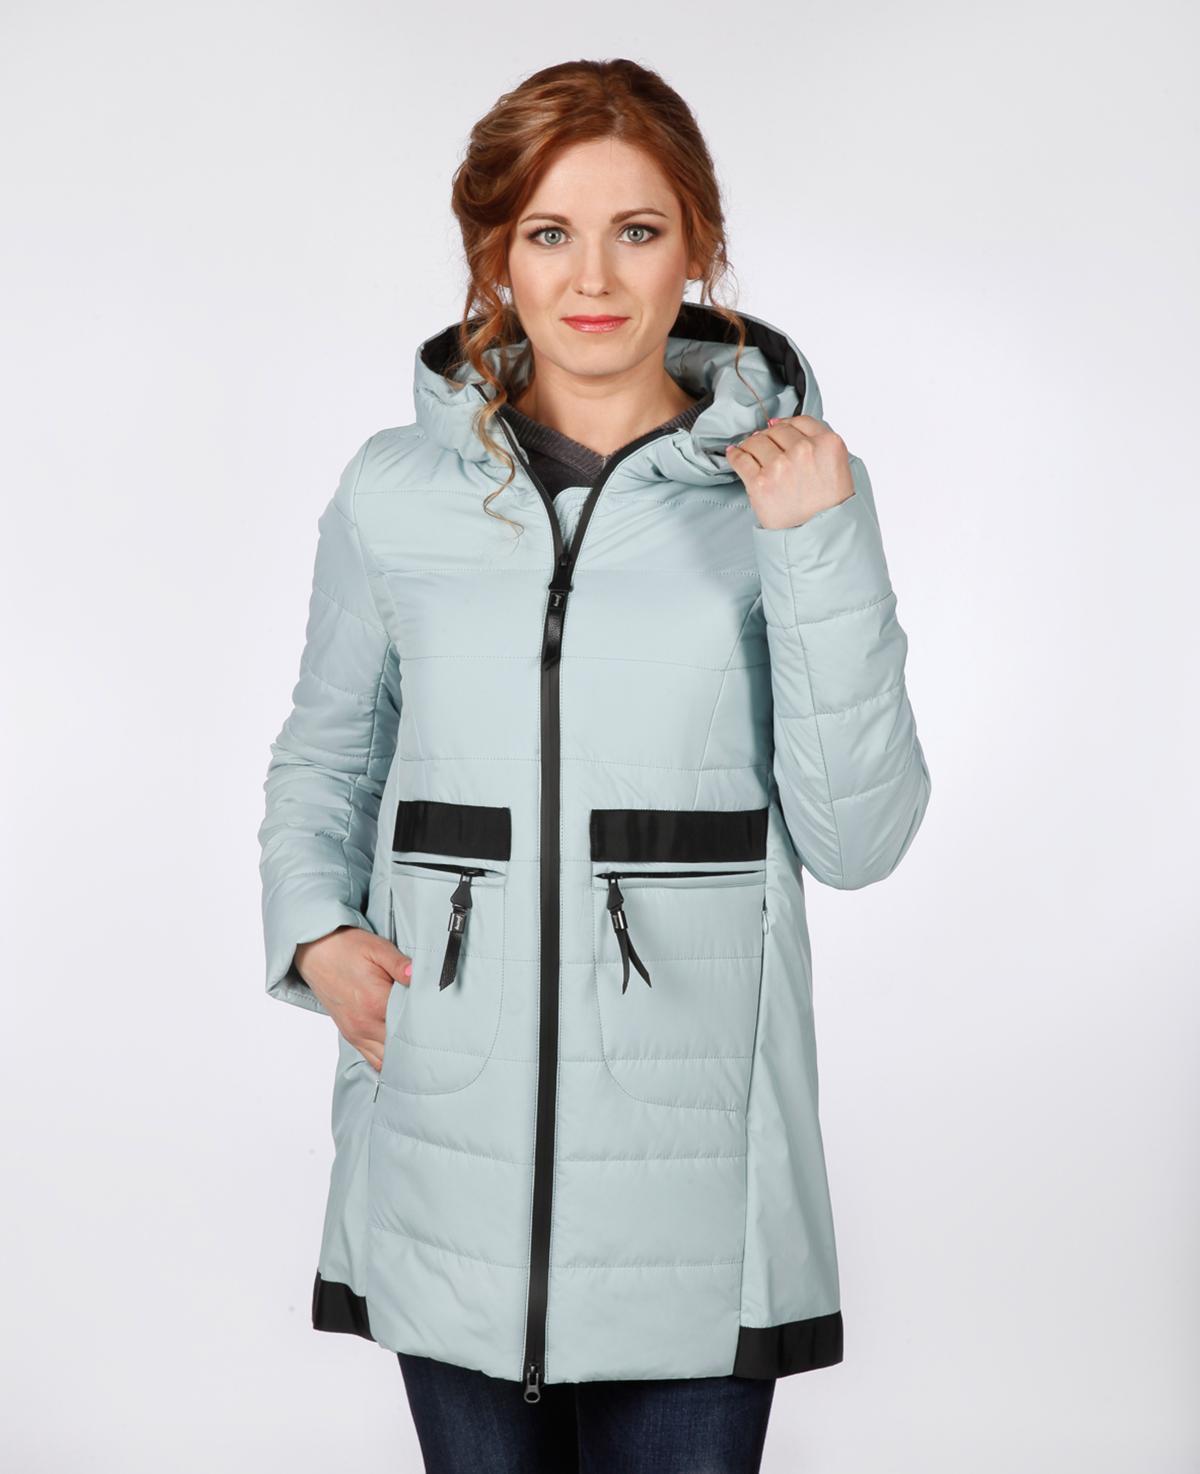 Купить Куртка женская PEL 18136 в магазине недорого